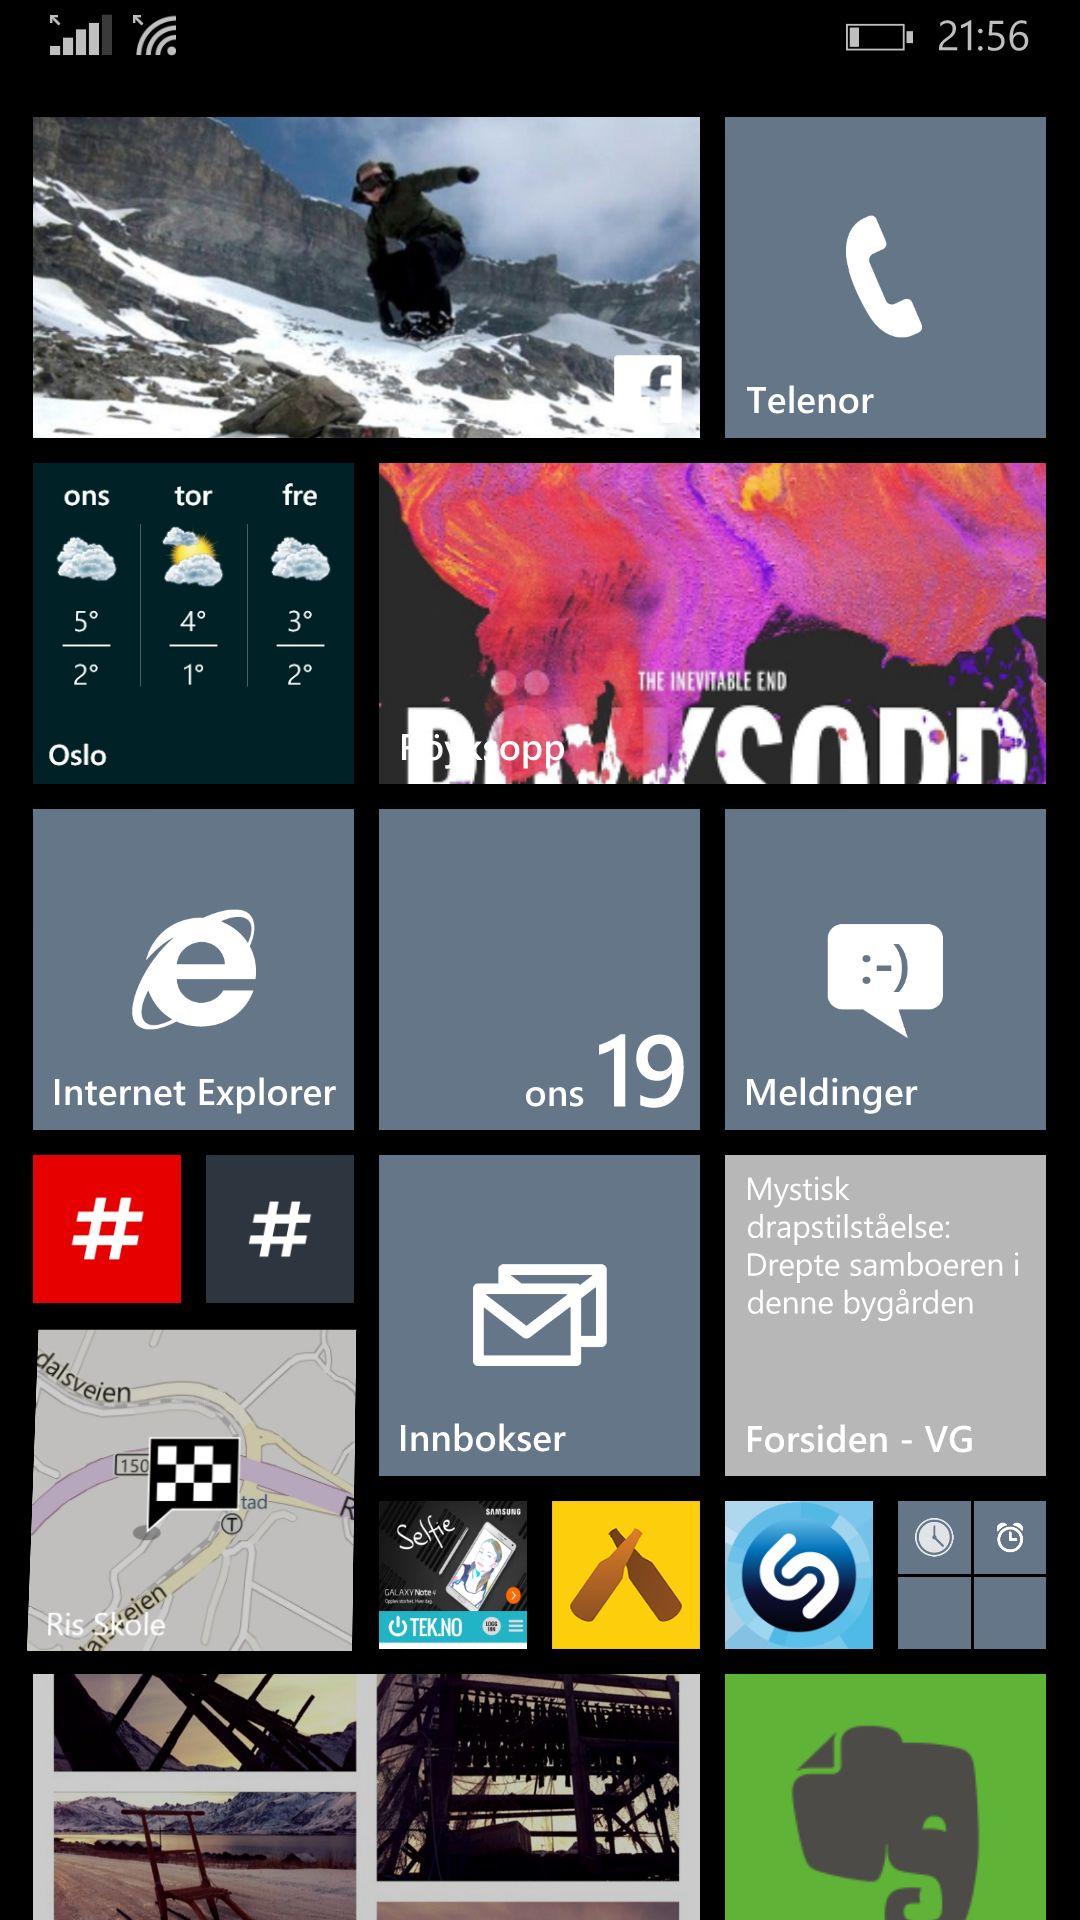 GENIAL STARTSKJERM: Windows Phones løsning med live-fliser gir den smarteste og mest personlige startskjermen jeg har brukt til dags dato. Forhåpentligvis tar flere apper i bruk mulighetene her fremover. Foto: Øystein W. Høie